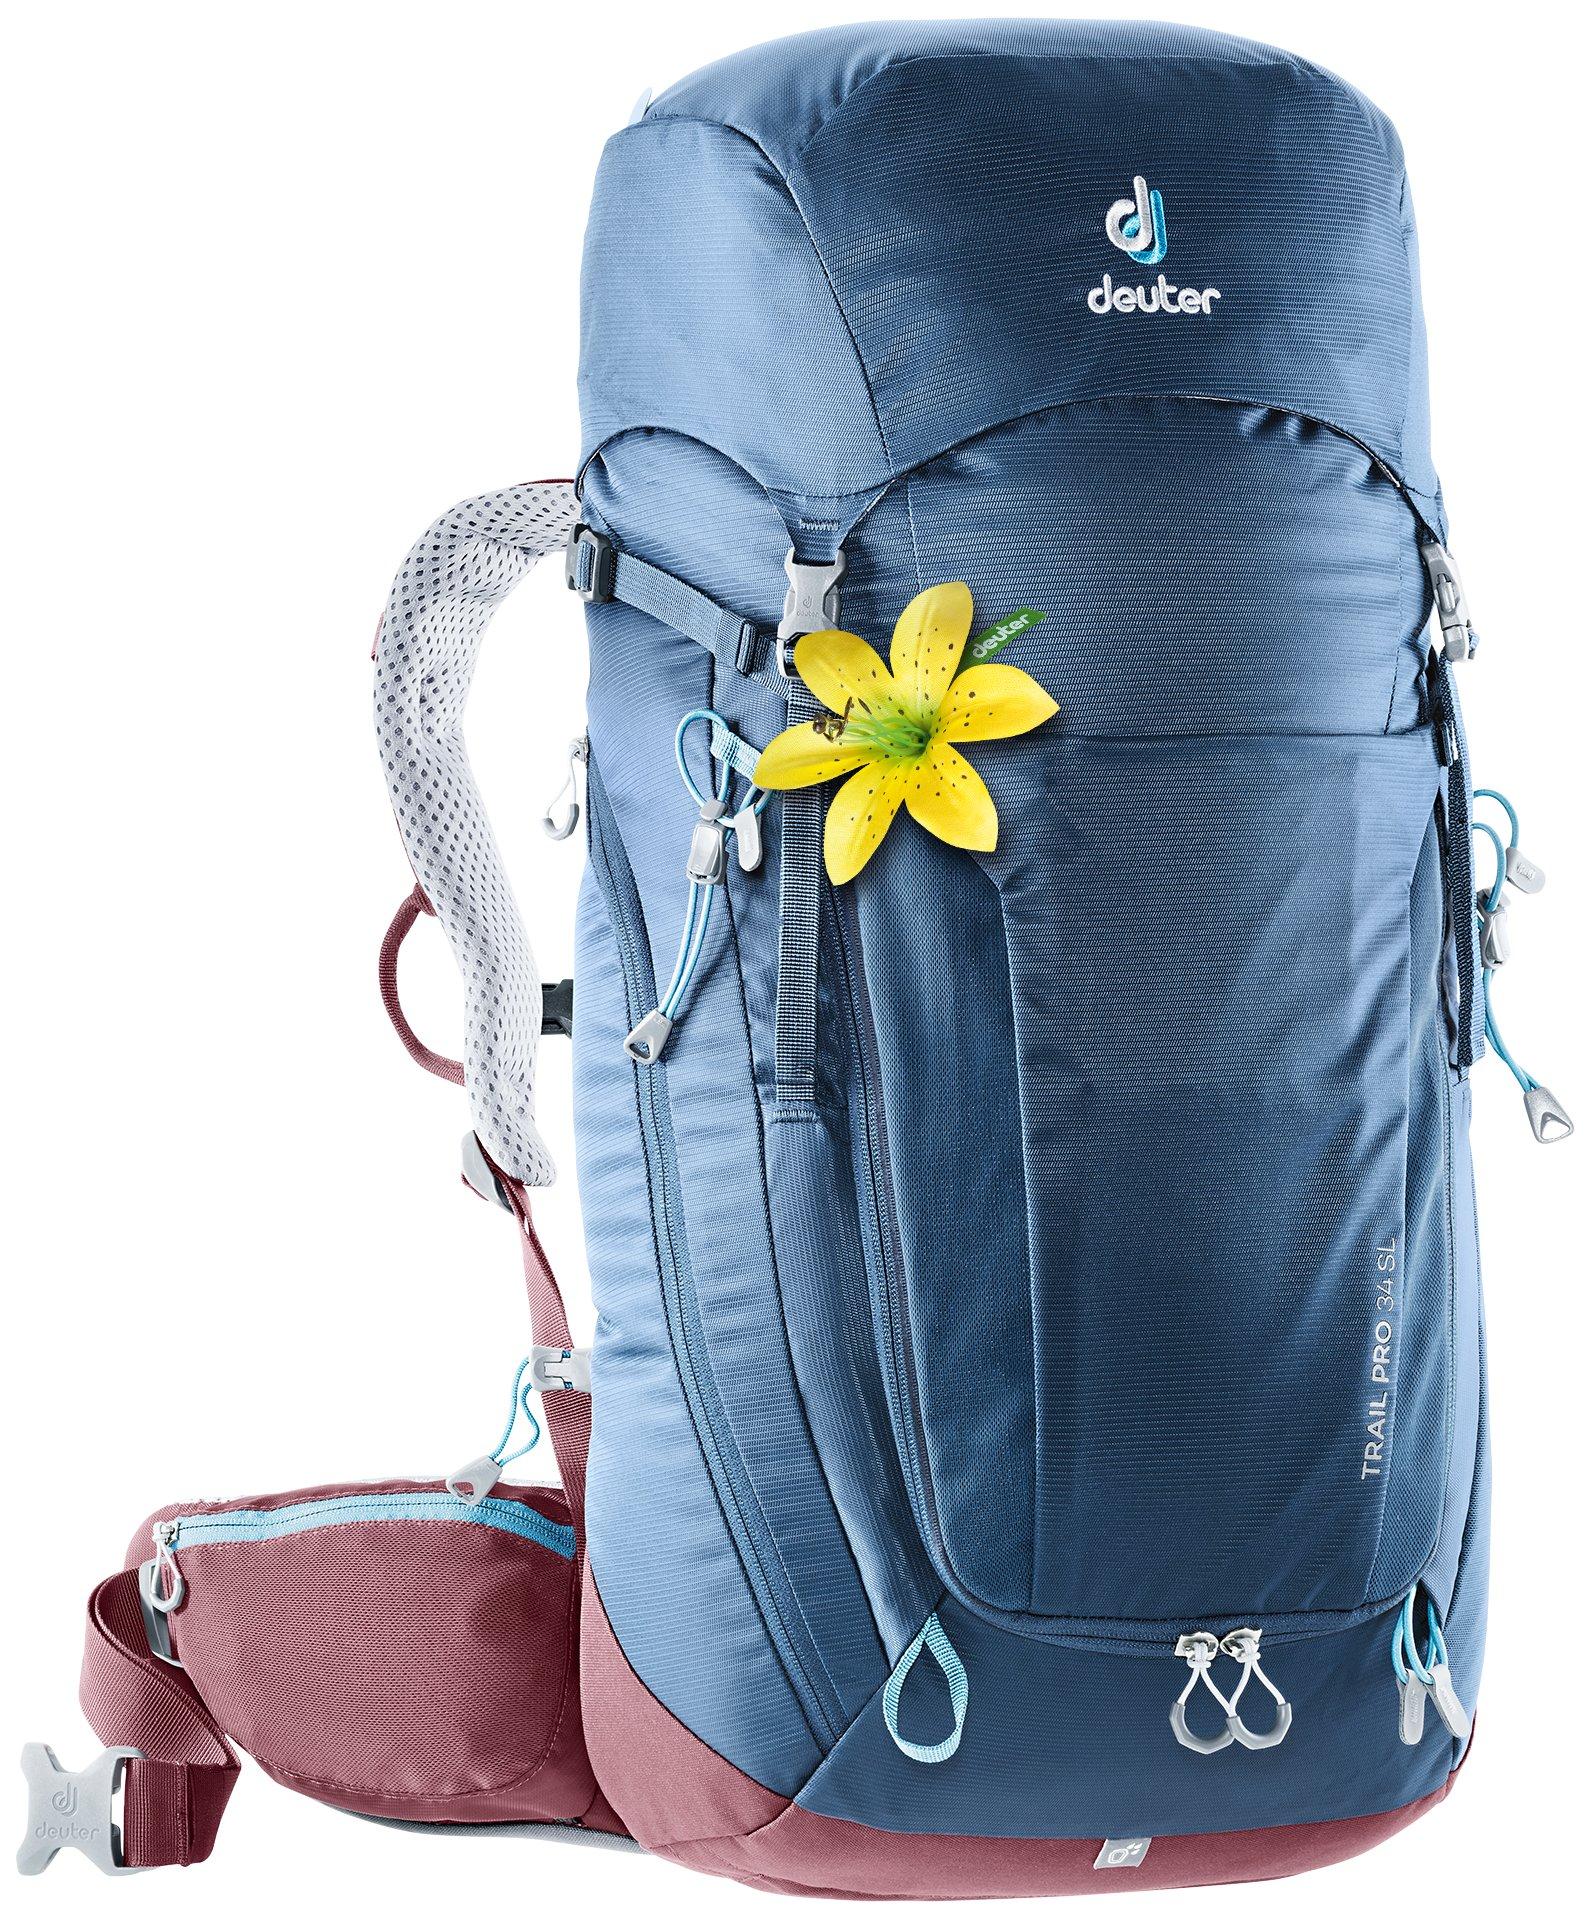 Deuter - Trail Pro 34 SL, Wanderrucksack für Frauen